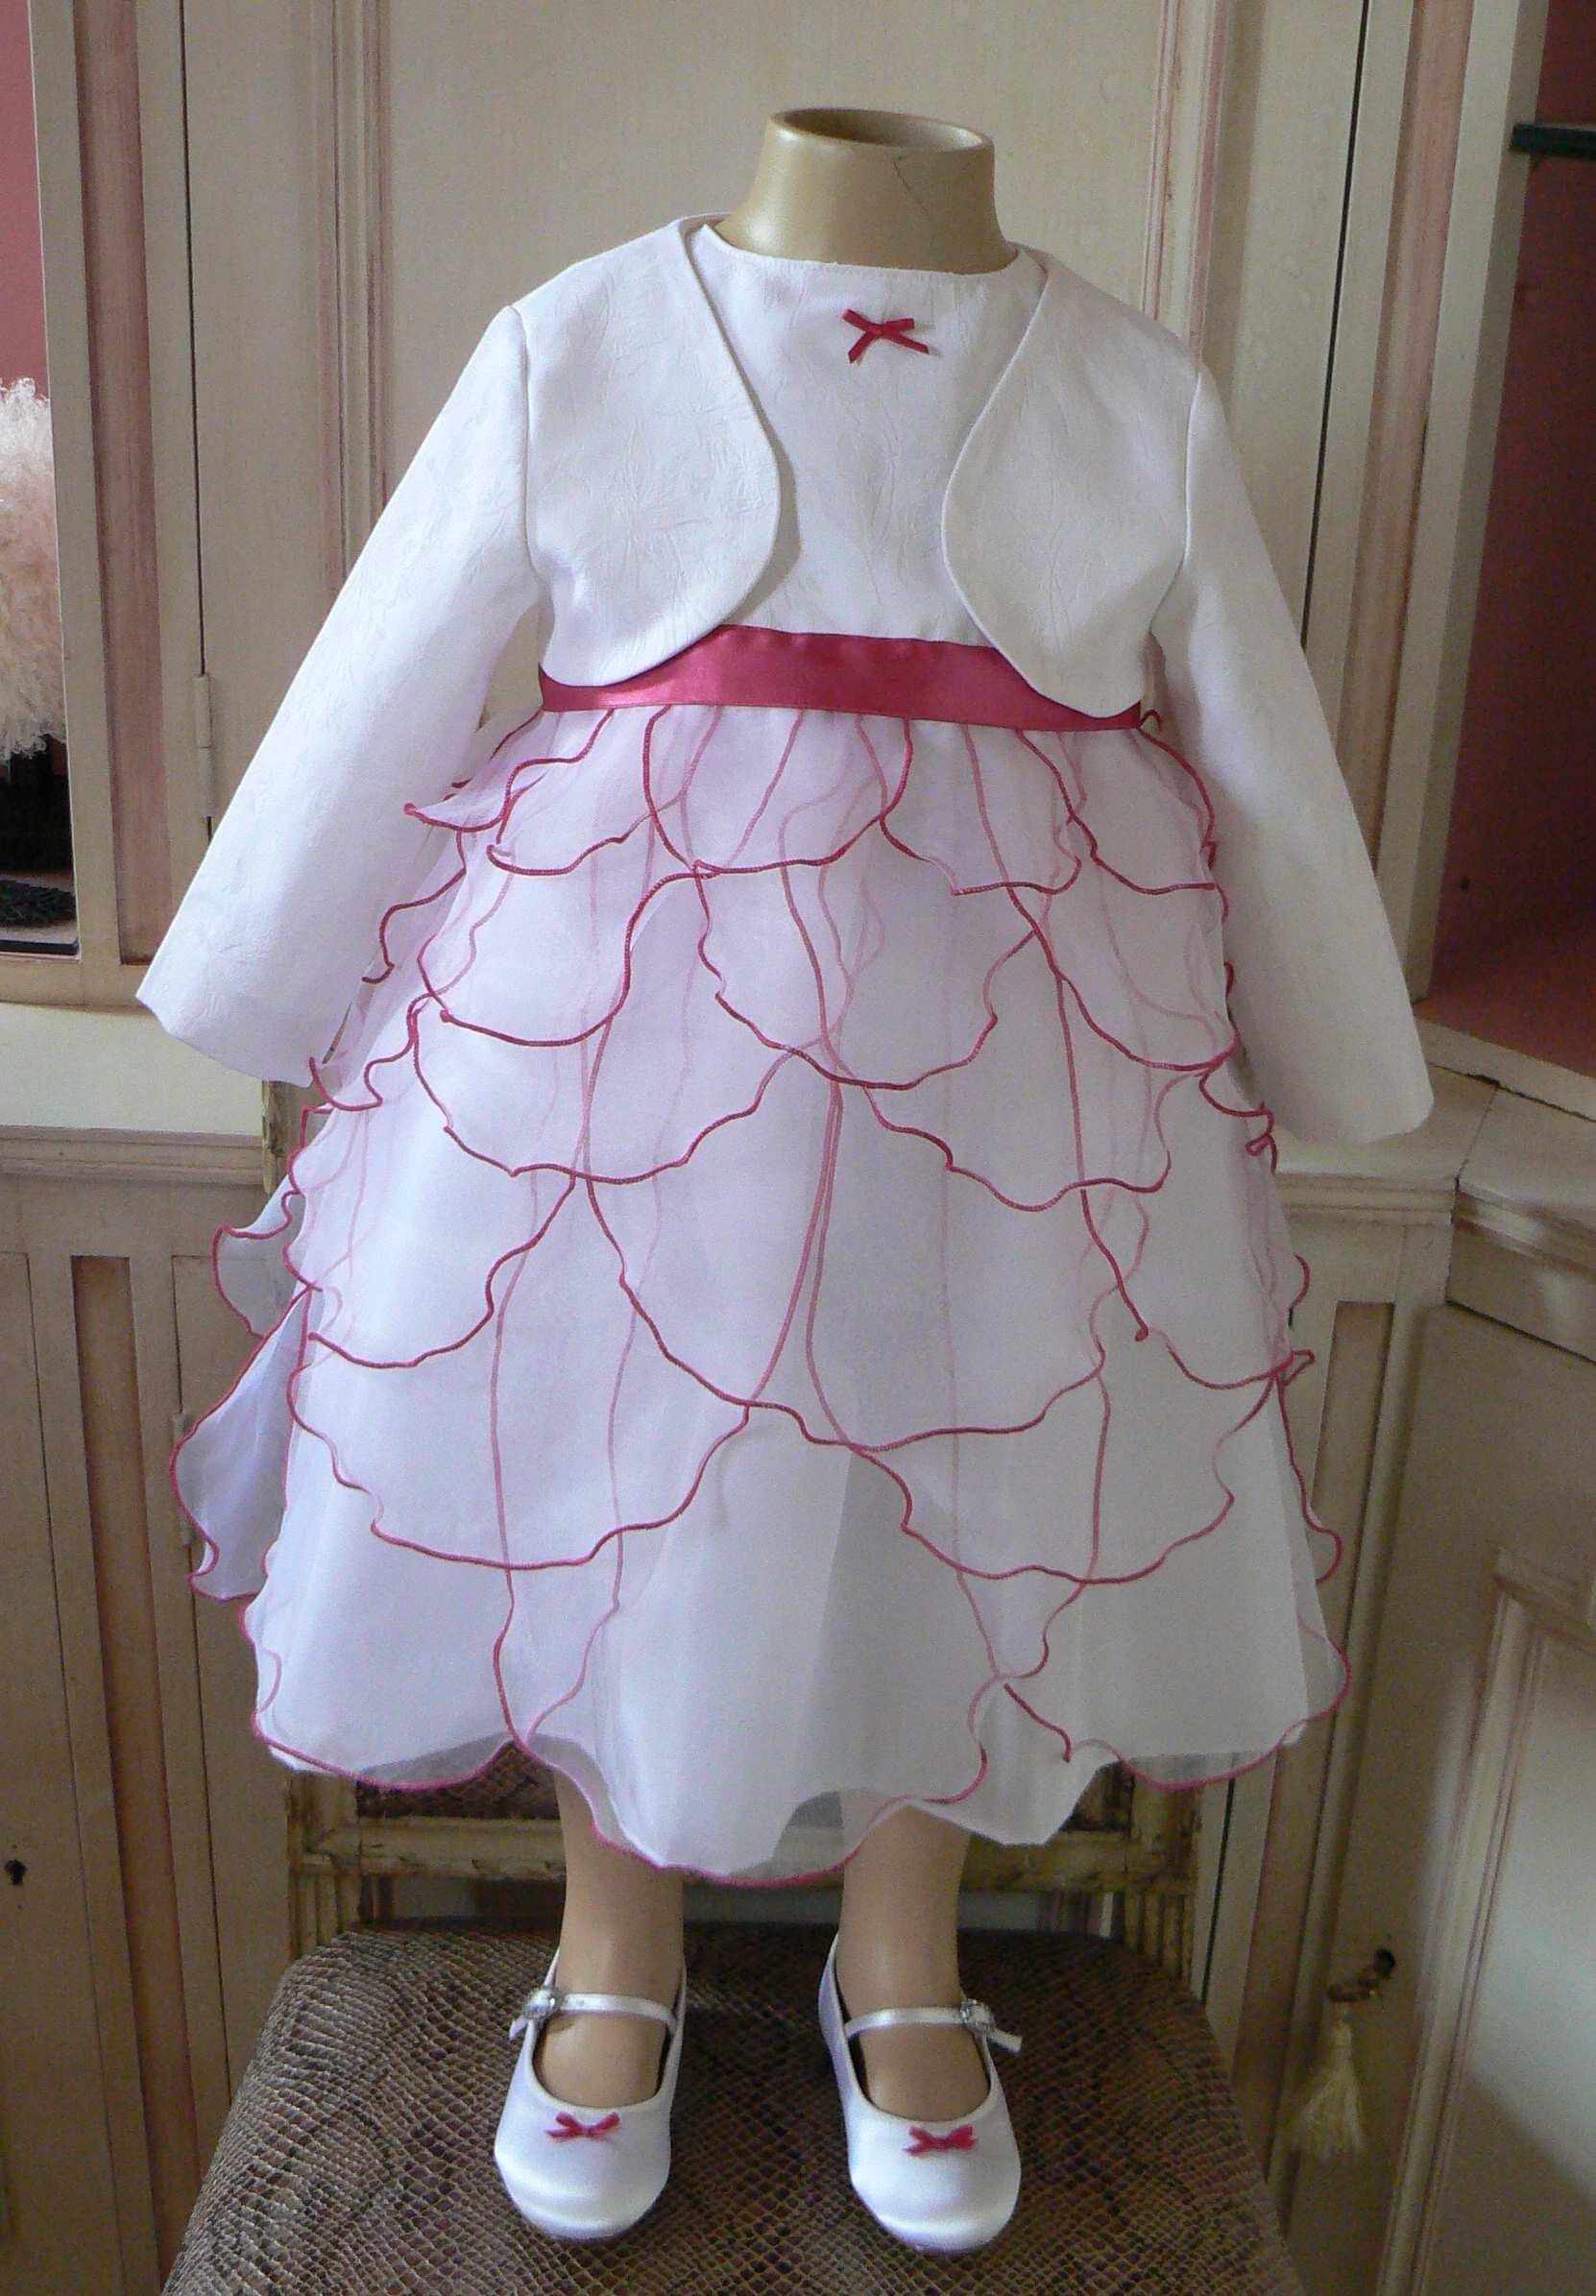 robe mariage enfant blanc fushia chaussure marjorie g création vendée robe de mariée